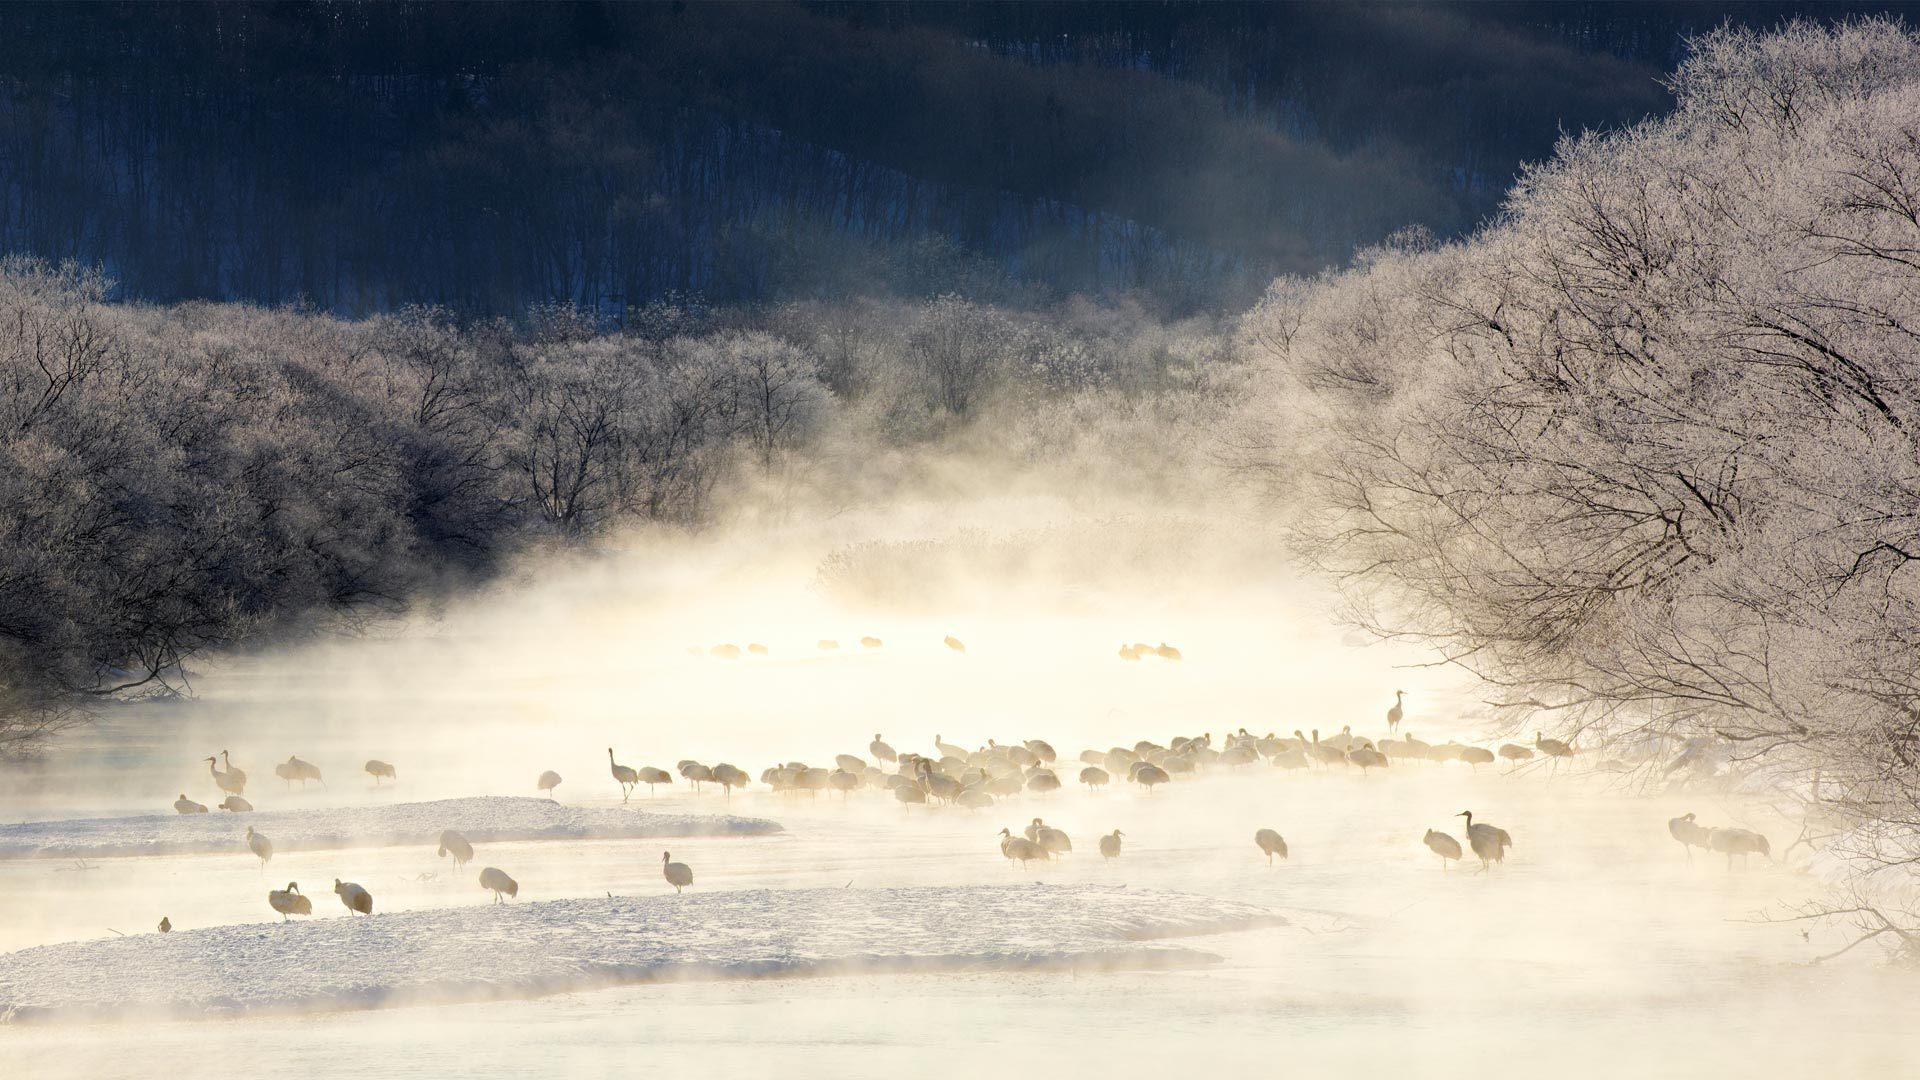 薄雾笼罩的河流中的丹顶鹤丹顶鹤